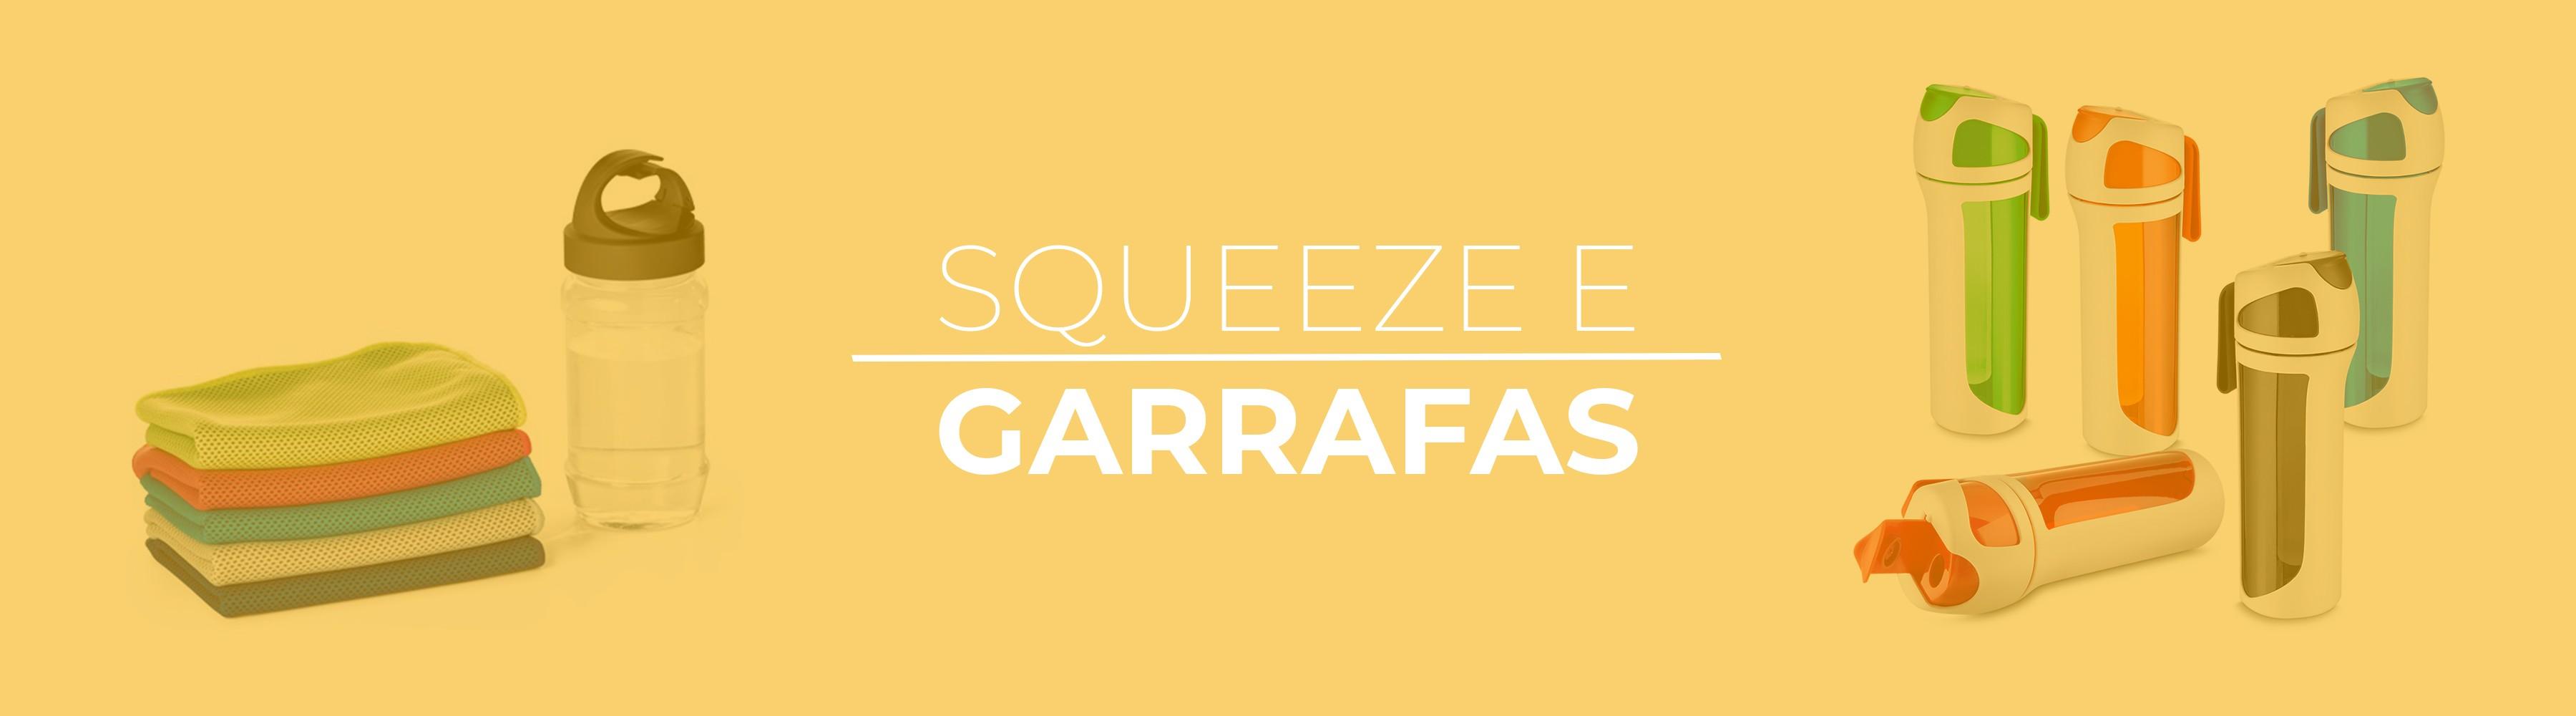 Banner Squeezes e Garrafas